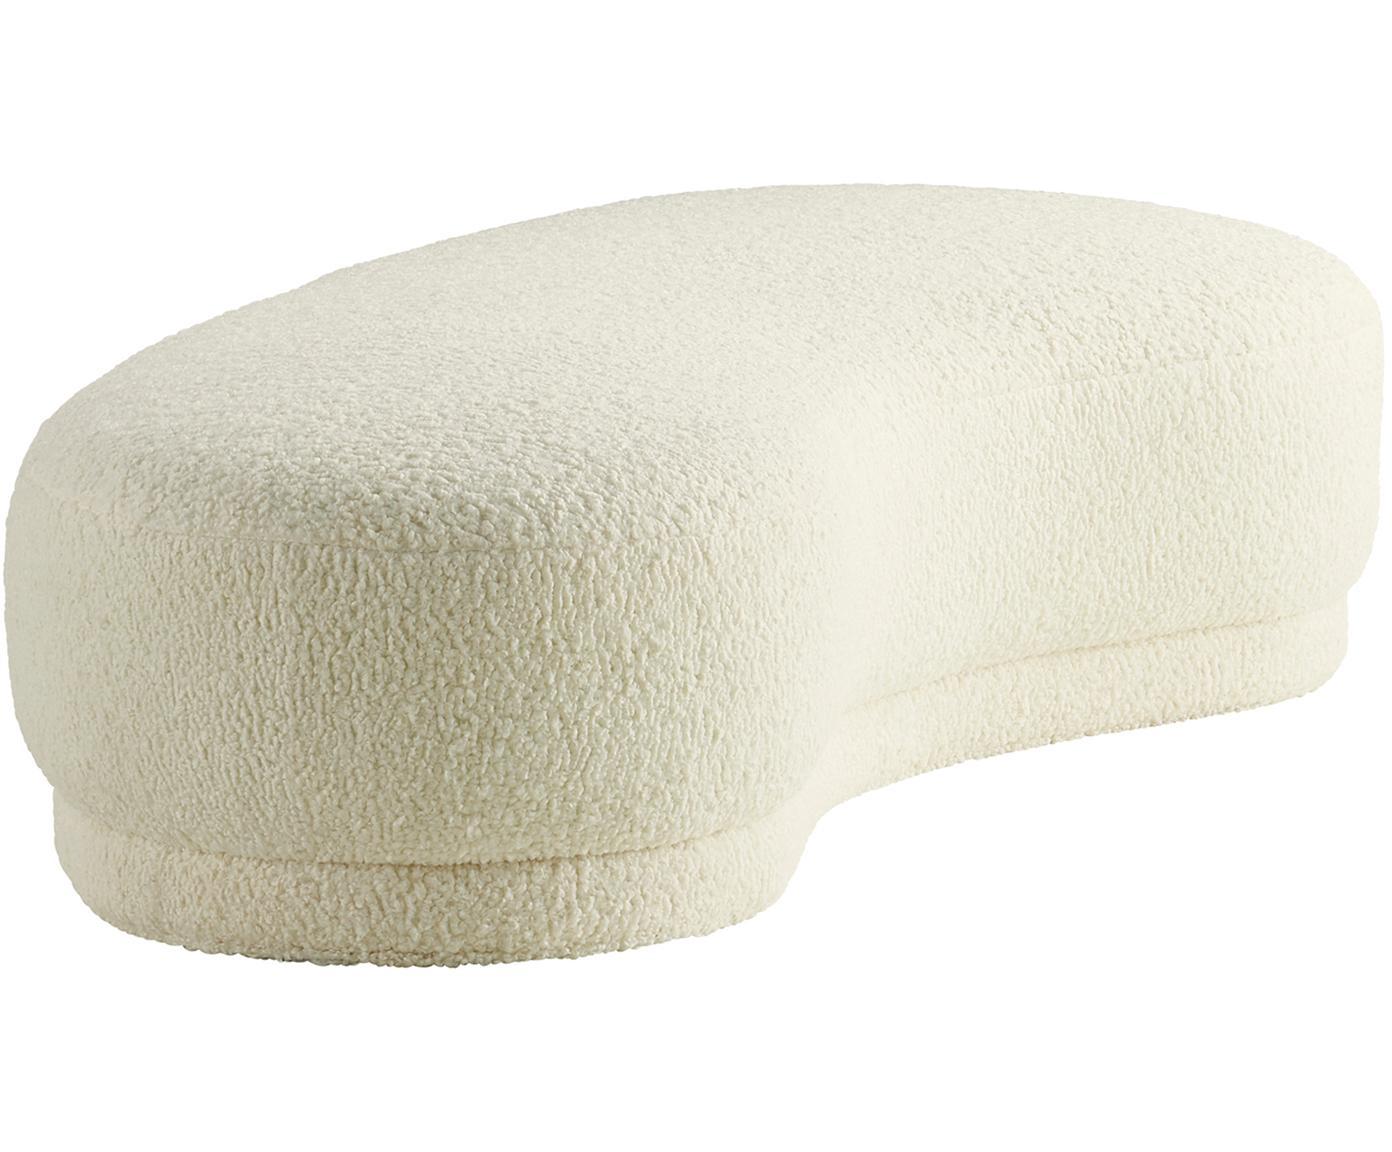 Ławka Teddy Austin, Tapicerka: poliester (Teddy), Stelaż: drewno sosnowe, Kremowobiały teddy, S 160 x W 36 cm